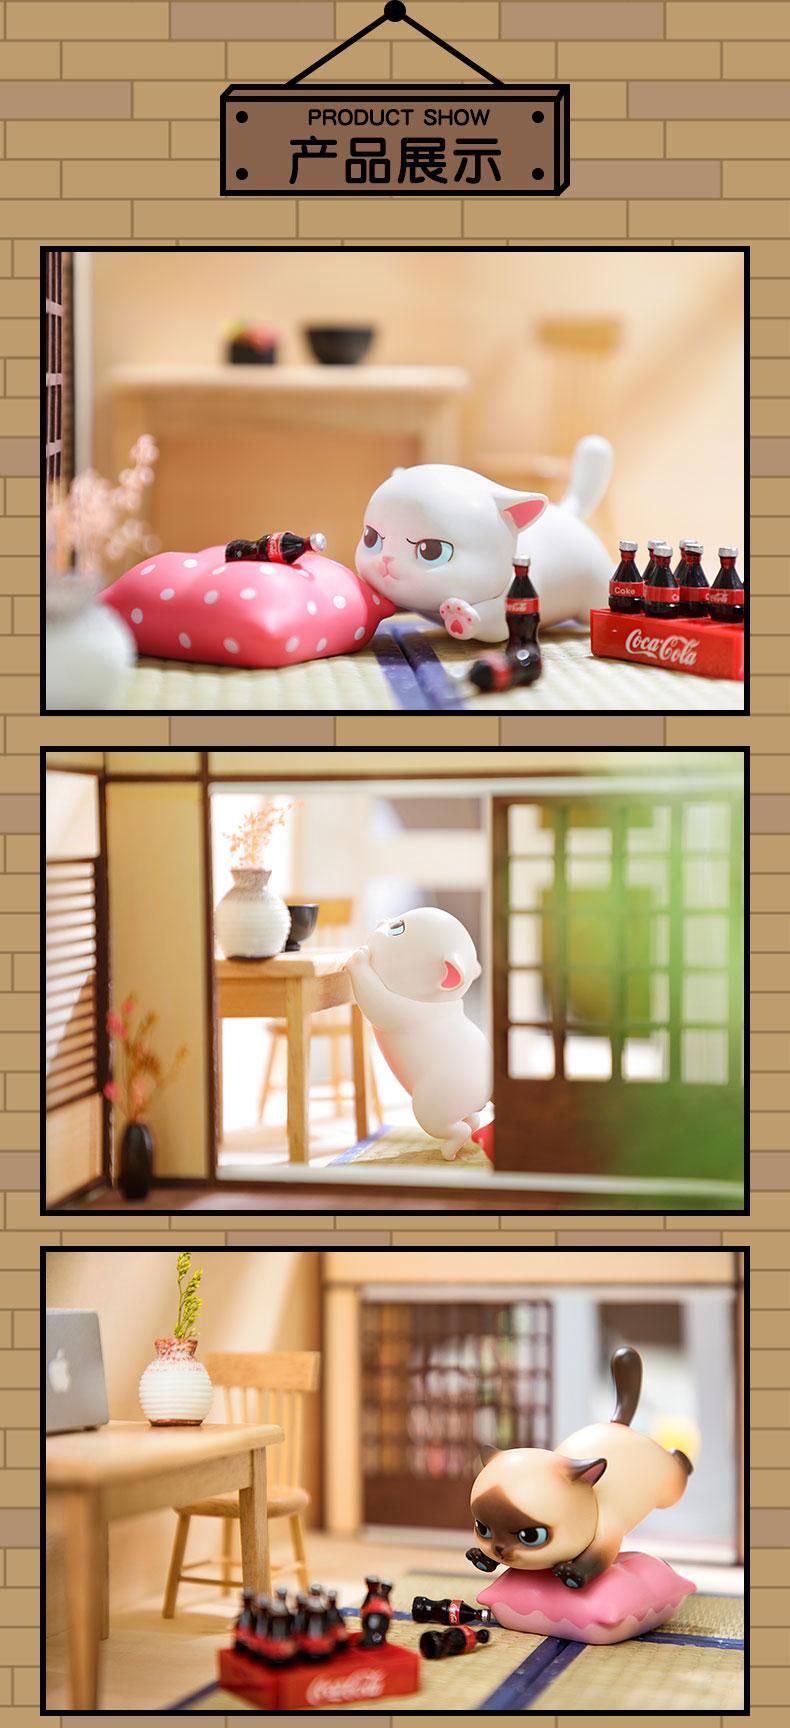 肥宅猫详情 (6).jpg